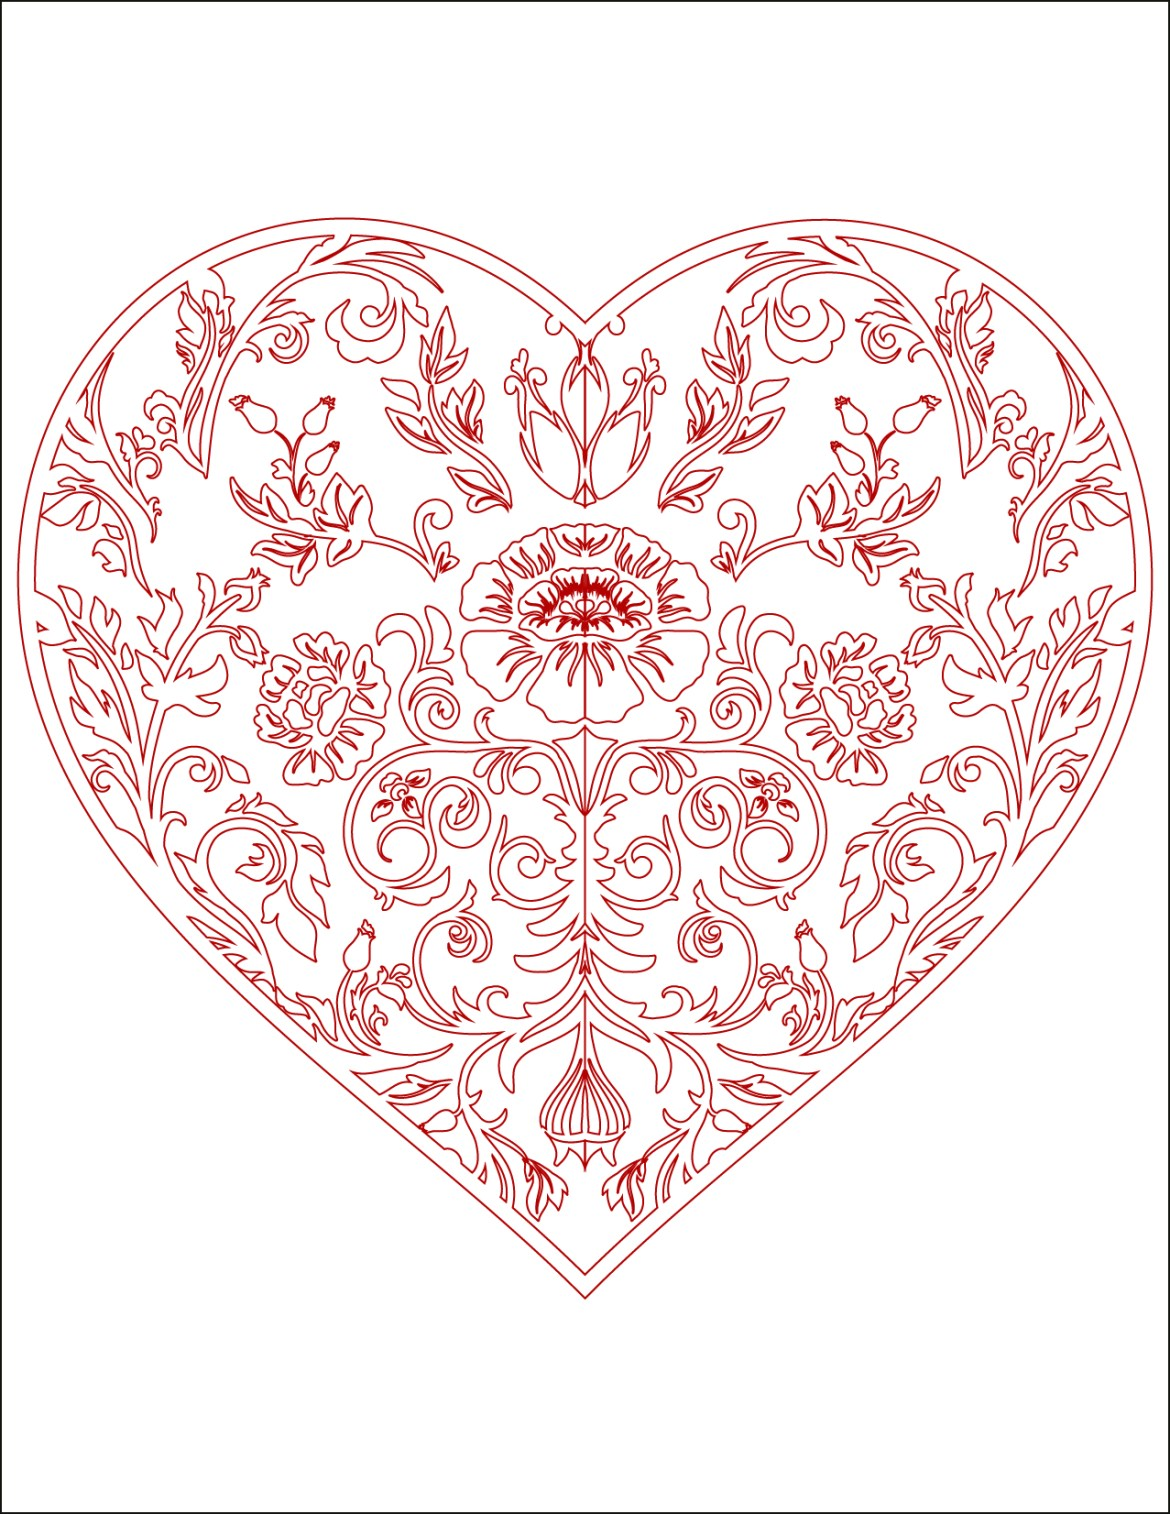 Coloriage Coeur Motif.Image De Bonjour D Amour Coloriage Coeur A Imprimer